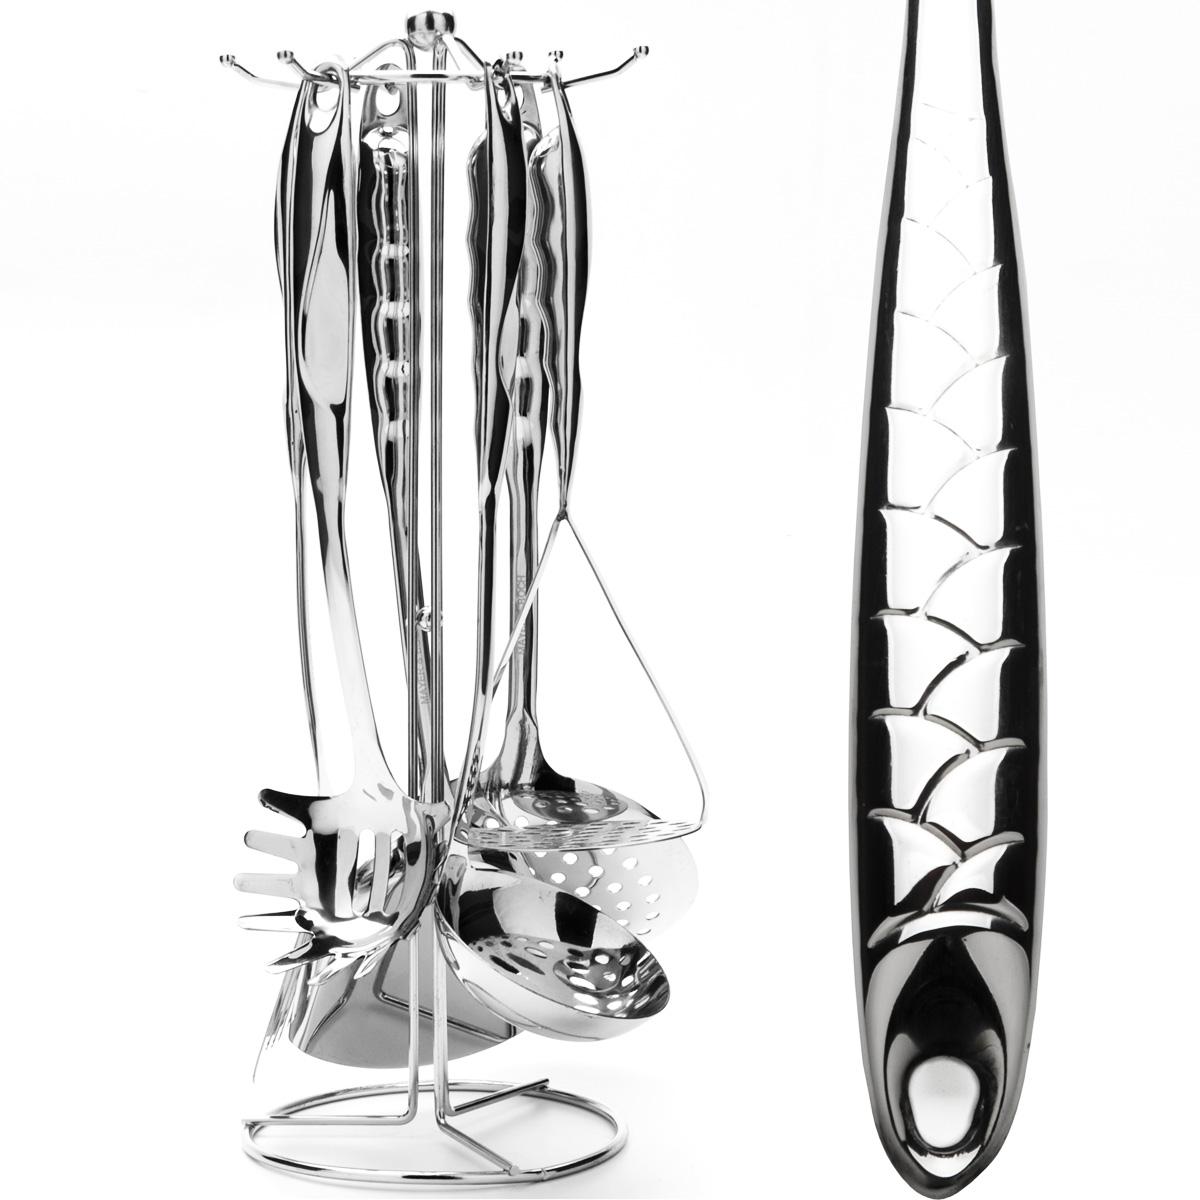 """Набор кухонных принадлежностей """"Mayer & Boch"""" выполнен из высококачественной нержавеющей стали c зеркальной поверхностью. Набор состоит из ложки для спагетти, половника, шумовки, ложки, лопатки с прорезями, картофелемялки и подставки. Все кухонные принадлежности имеют петельку с помощью которой можно подвесить на подставку с крючками.Эксклюзивный дизайн, эстетичность и функциональность набора позволят ему занять достойное место среди кухонного инвентаря. Набор пригоден для мытья в посудомоечной машине.   Длина ложки для спагетти: 32 см. Размер рабочей поверхности ложки для спагетти: 8,5 см х 8 см. Длина половника: 34 см. Диаметр рабочей поверхности половника: 9 см. Длина шумовки: 35 см. Диаметр рабочей поверхности шумовки: 12 см. Длина ложки: 37 см. Размер рабочей поверхности ложки: 9 см х 10 см. Длина лопатки с прорезями: 36 см. Размер рабочей поверхности лопатки: 8 см х 8 см. Длина картофелемялки: 27 см. Размер рабочей поверхности картофелемялки: 9 см х 9 см. Размер подставки: 14 см х 14 см х 41 см."""